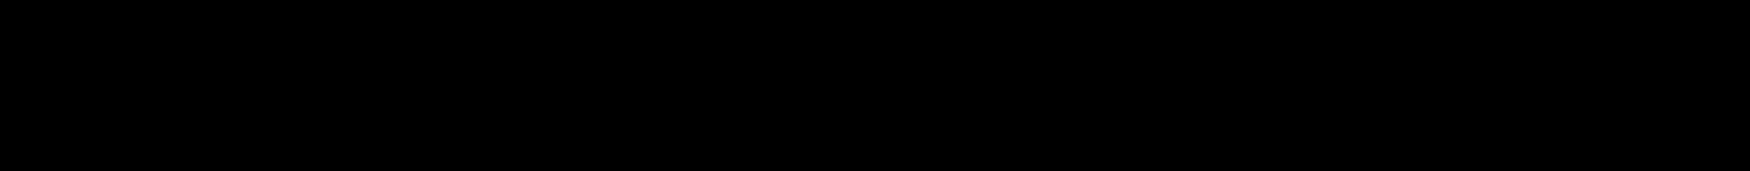 Sci Fi Fonts Fontspace